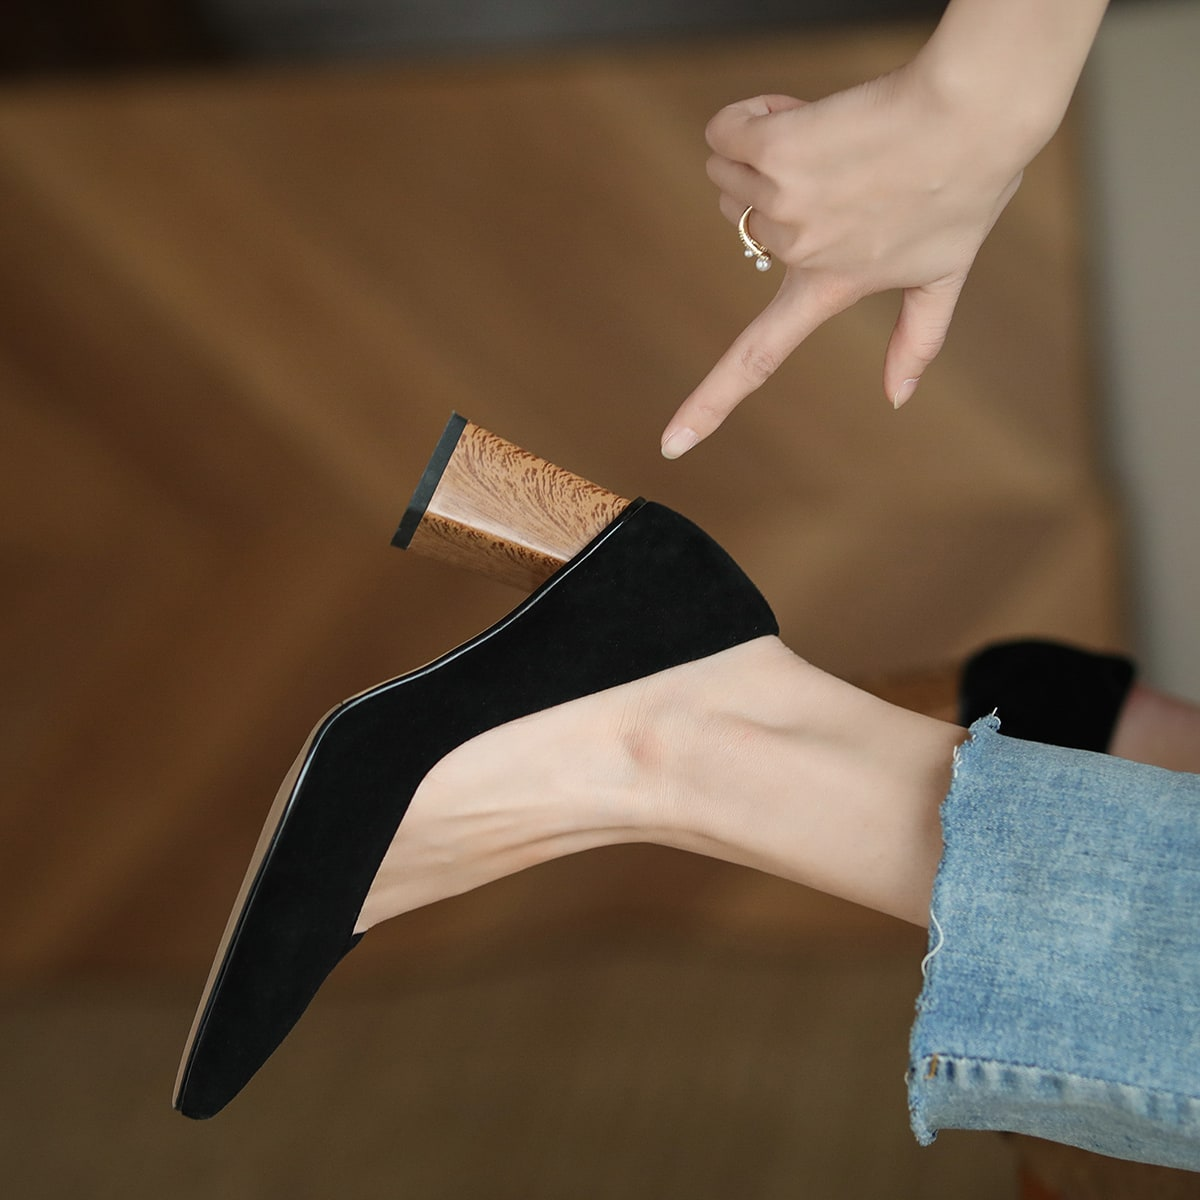 Минималистские кожаные туфли на массивном каблуке от SHEIN